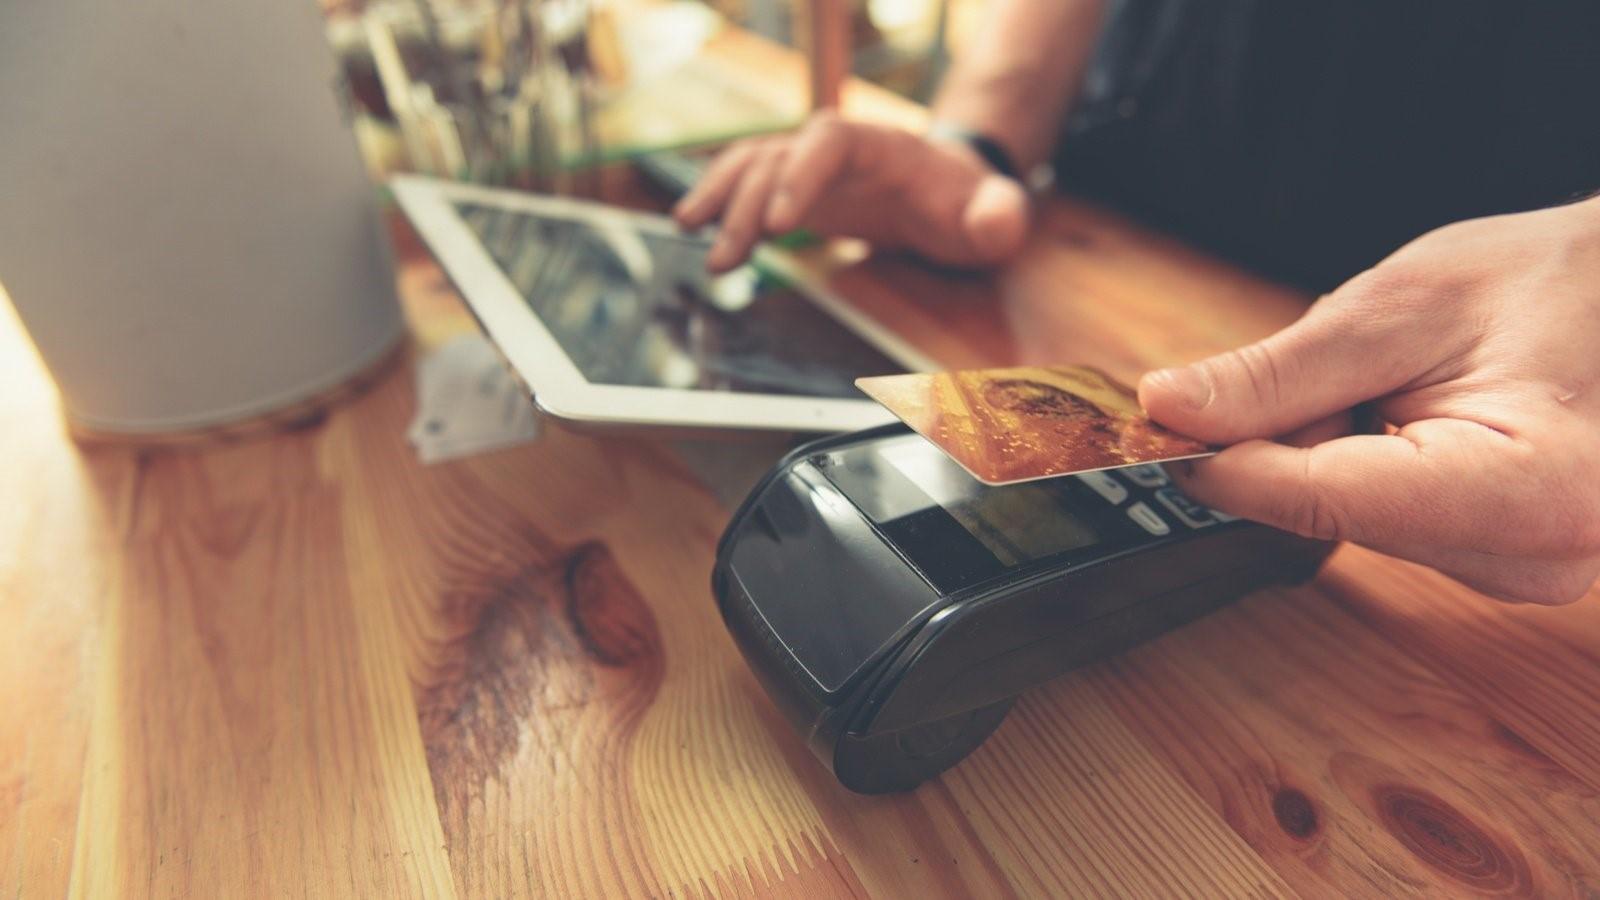 Az elektronikus fizetés növekedése ellenére a készpénz továbbra is meghatározó